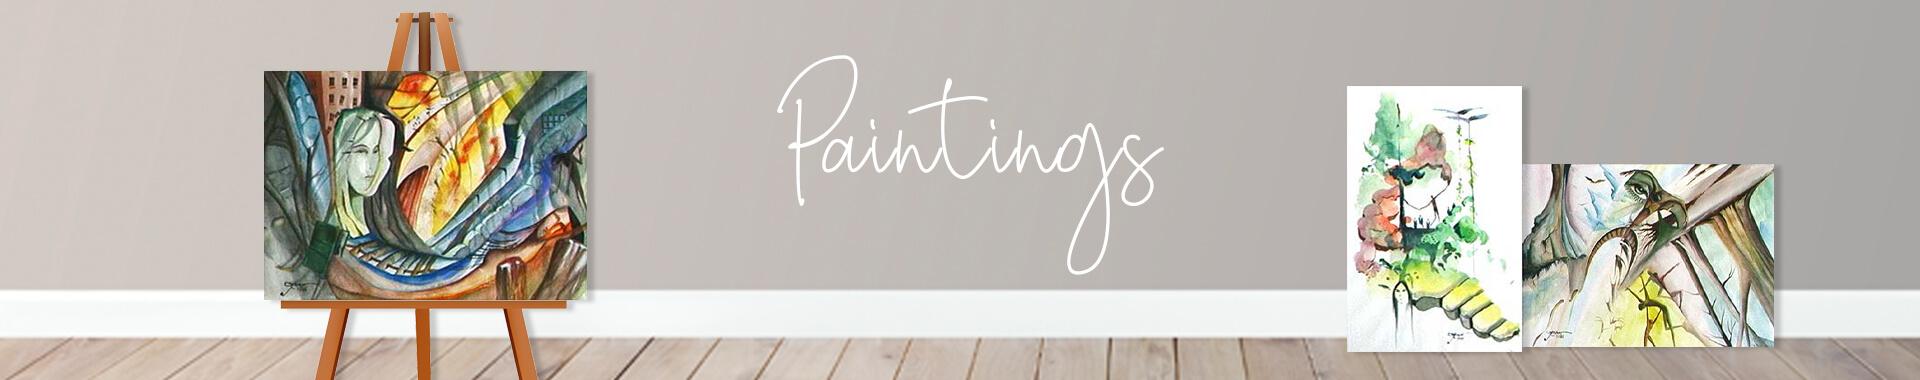 slide-paintings-02